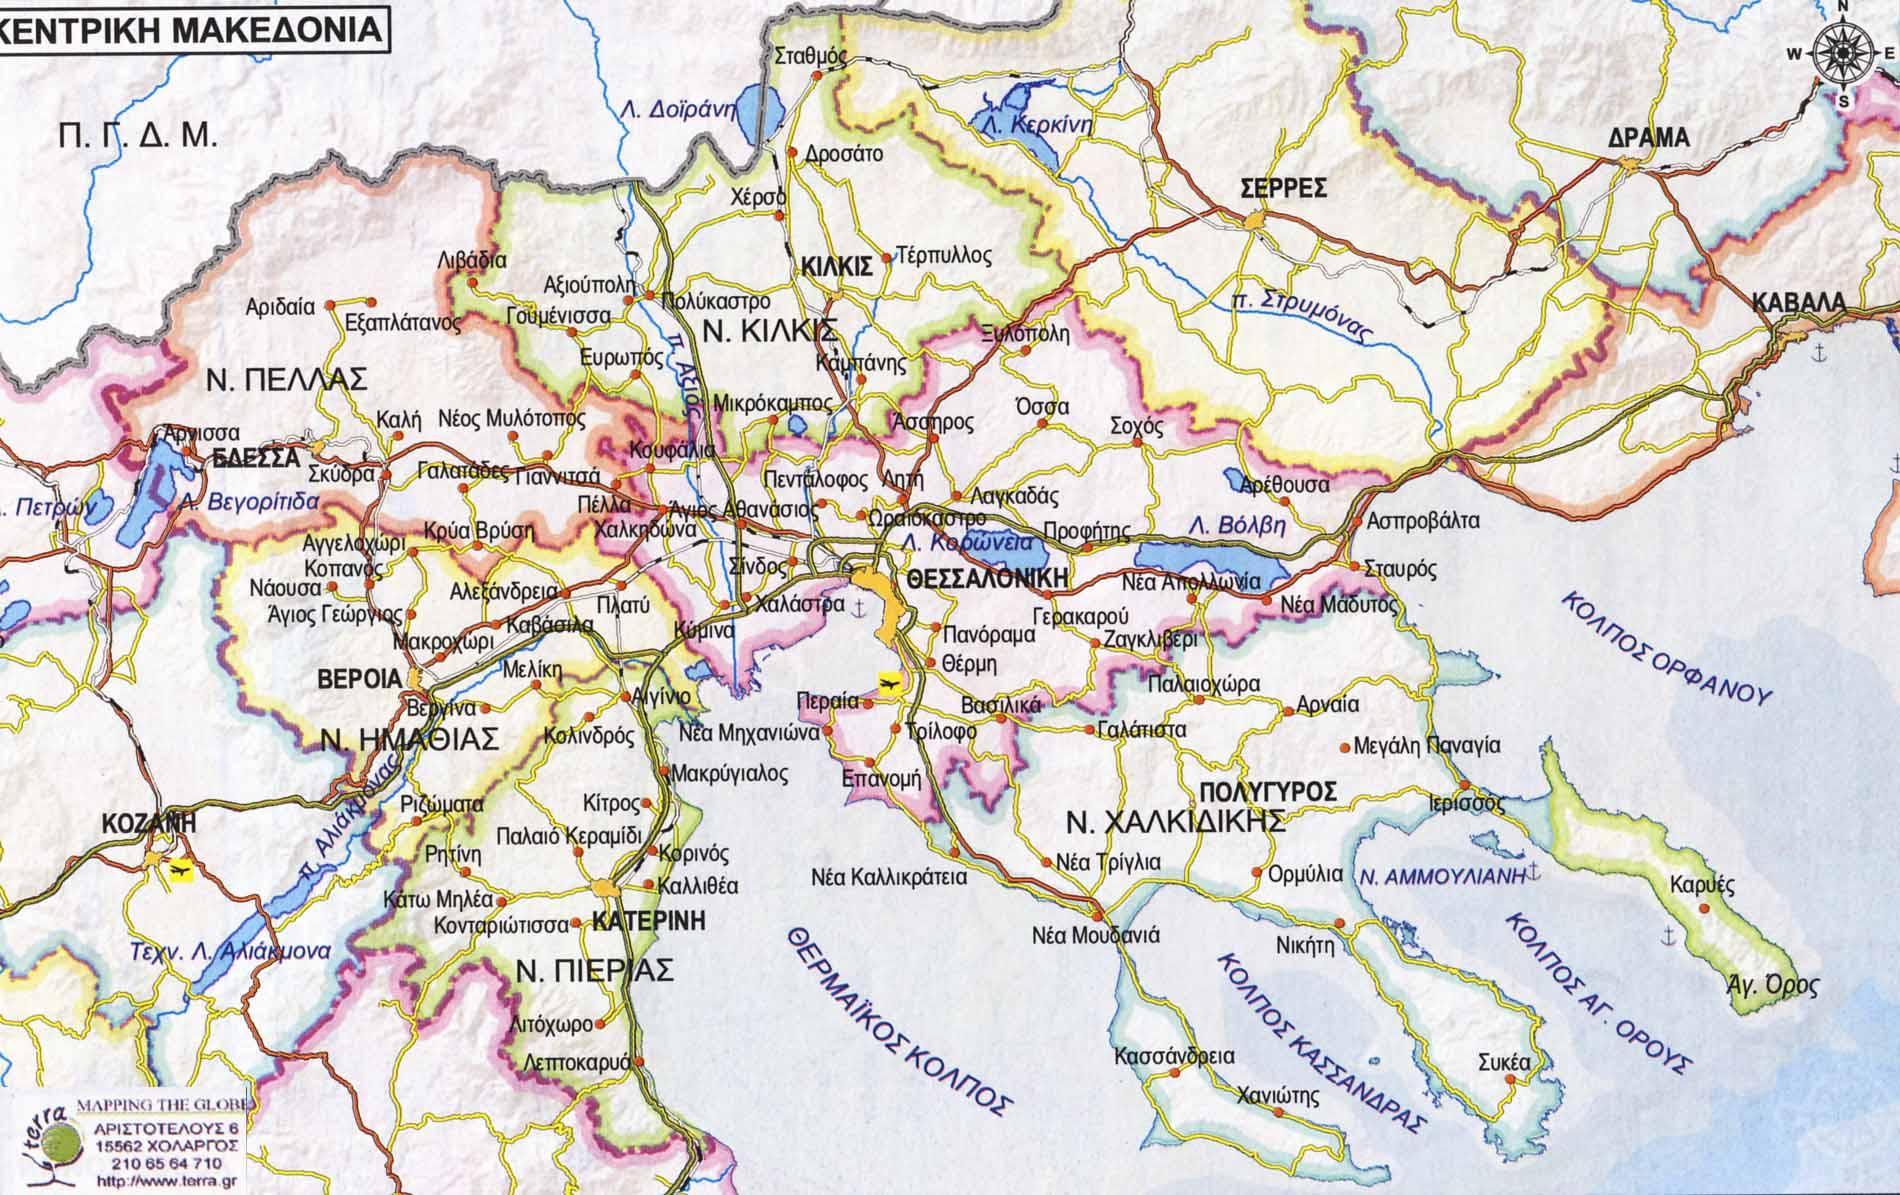 Xarths Perifereias Kentrikhs Makedonias